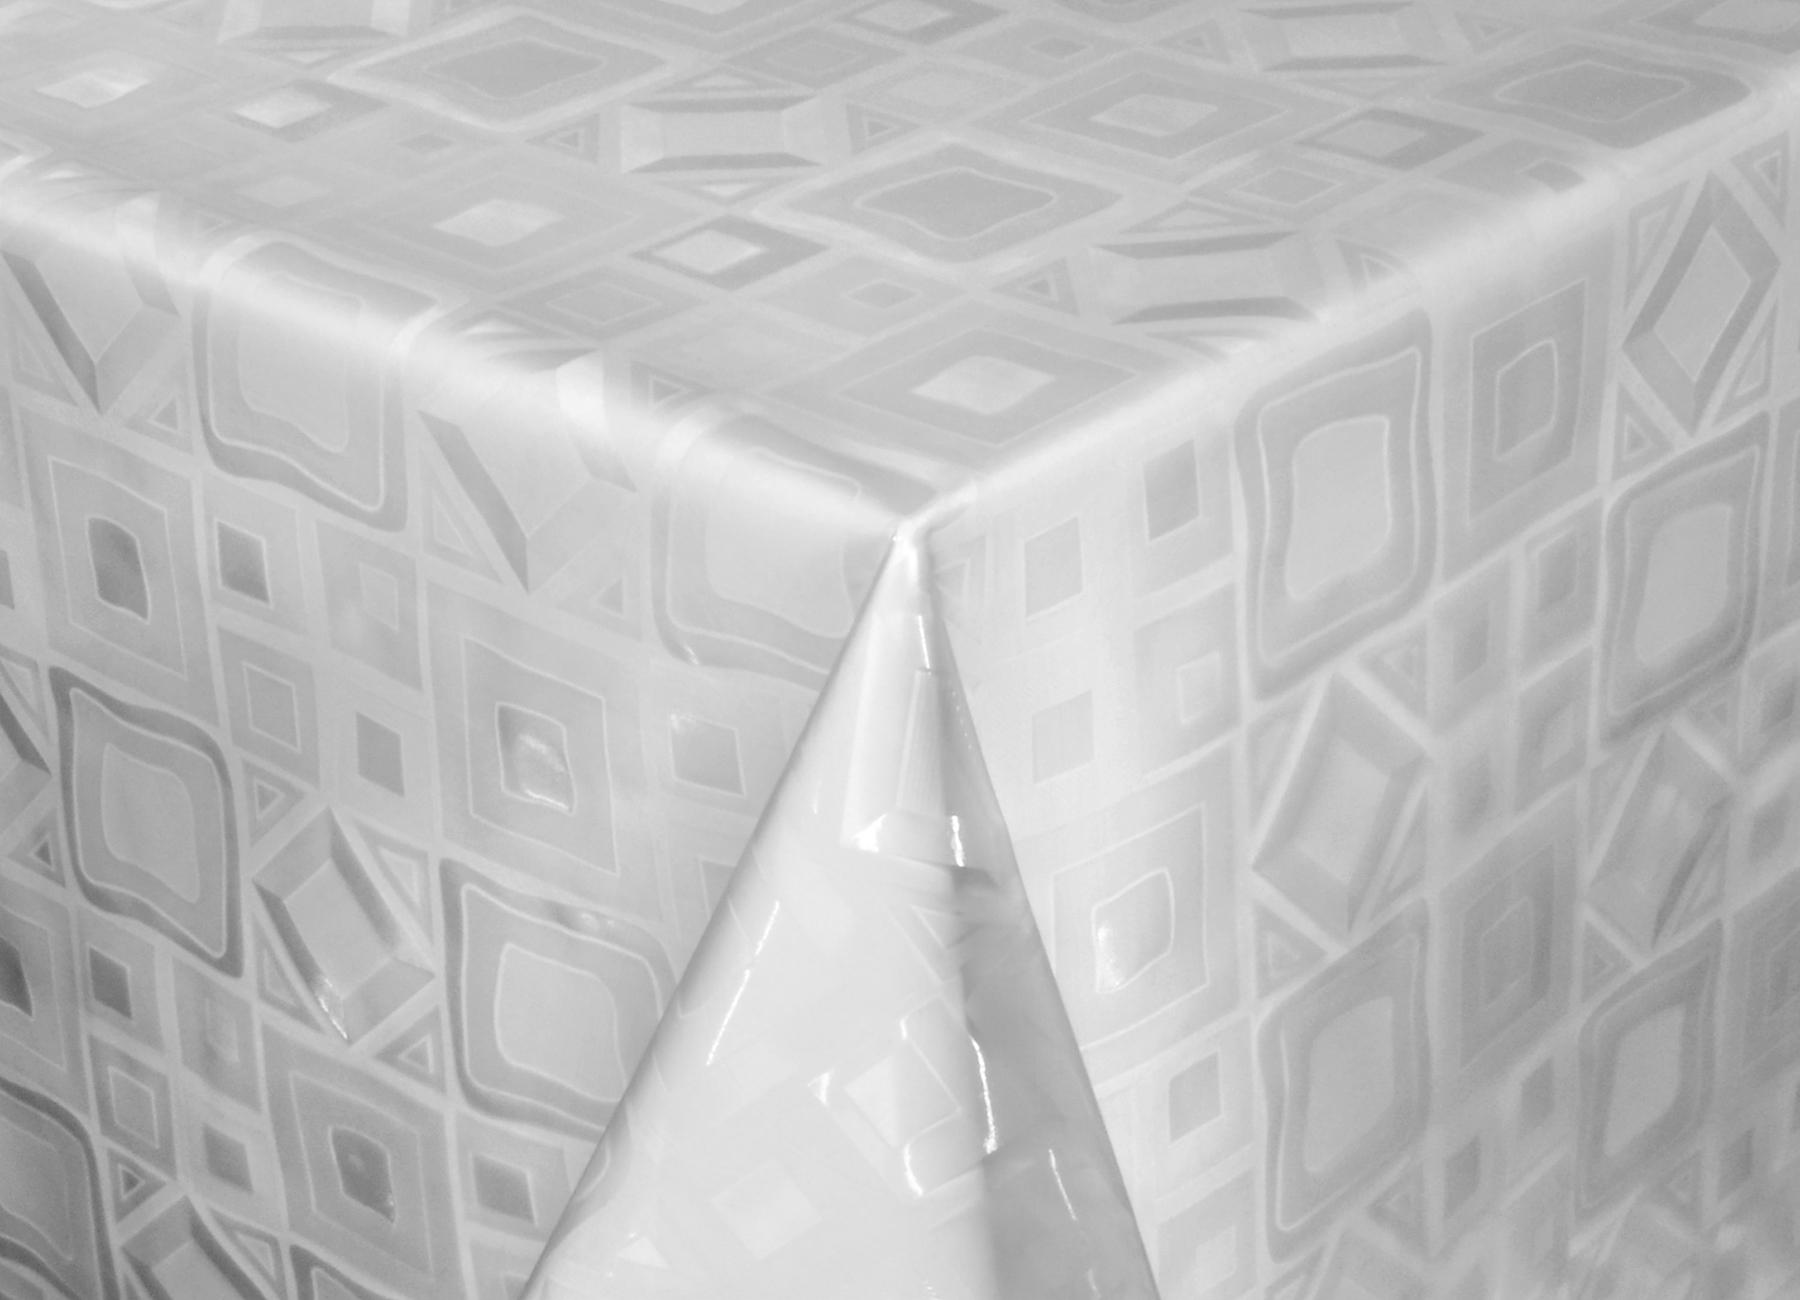 tischdecke wachstuch tischfolie schutzfolie tischschutz. Black Bedroom Furniture Sets. Home Design Ideas